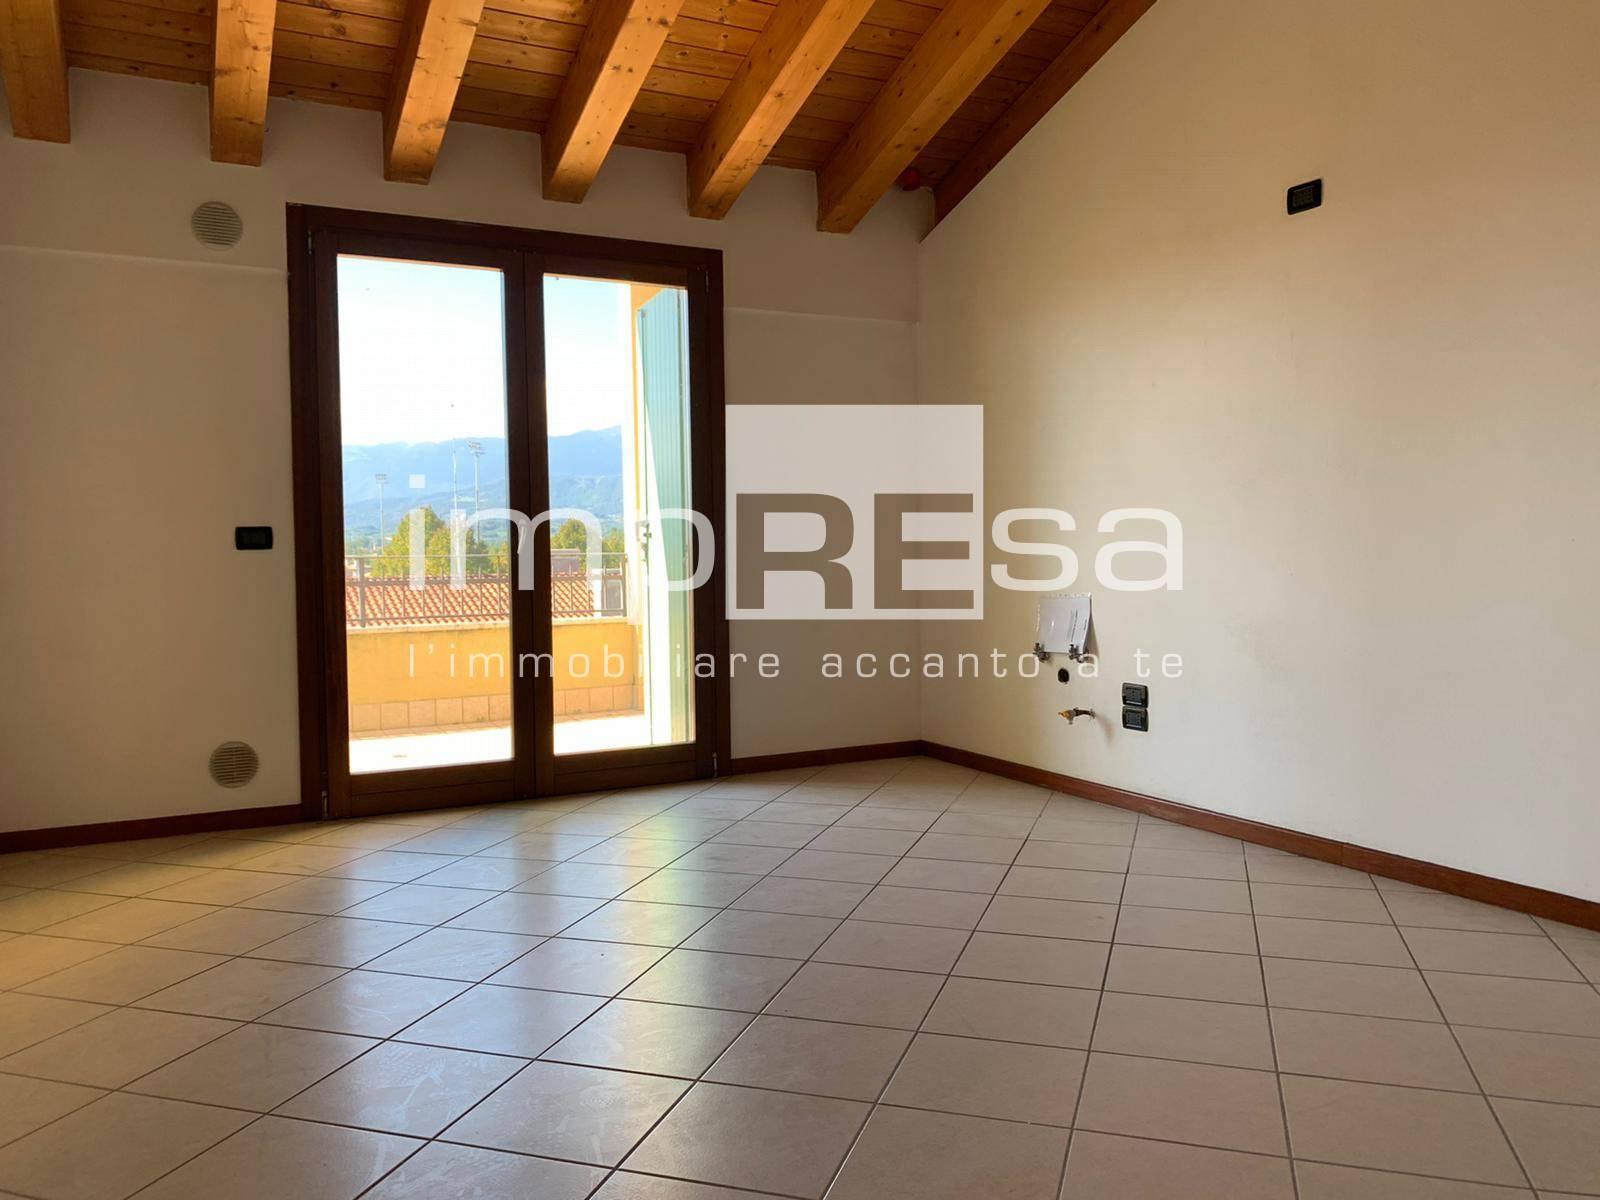 Appartamento in vendita a Cordignano, 4 locali, prezzo € 71.000 | CambioCasa.it